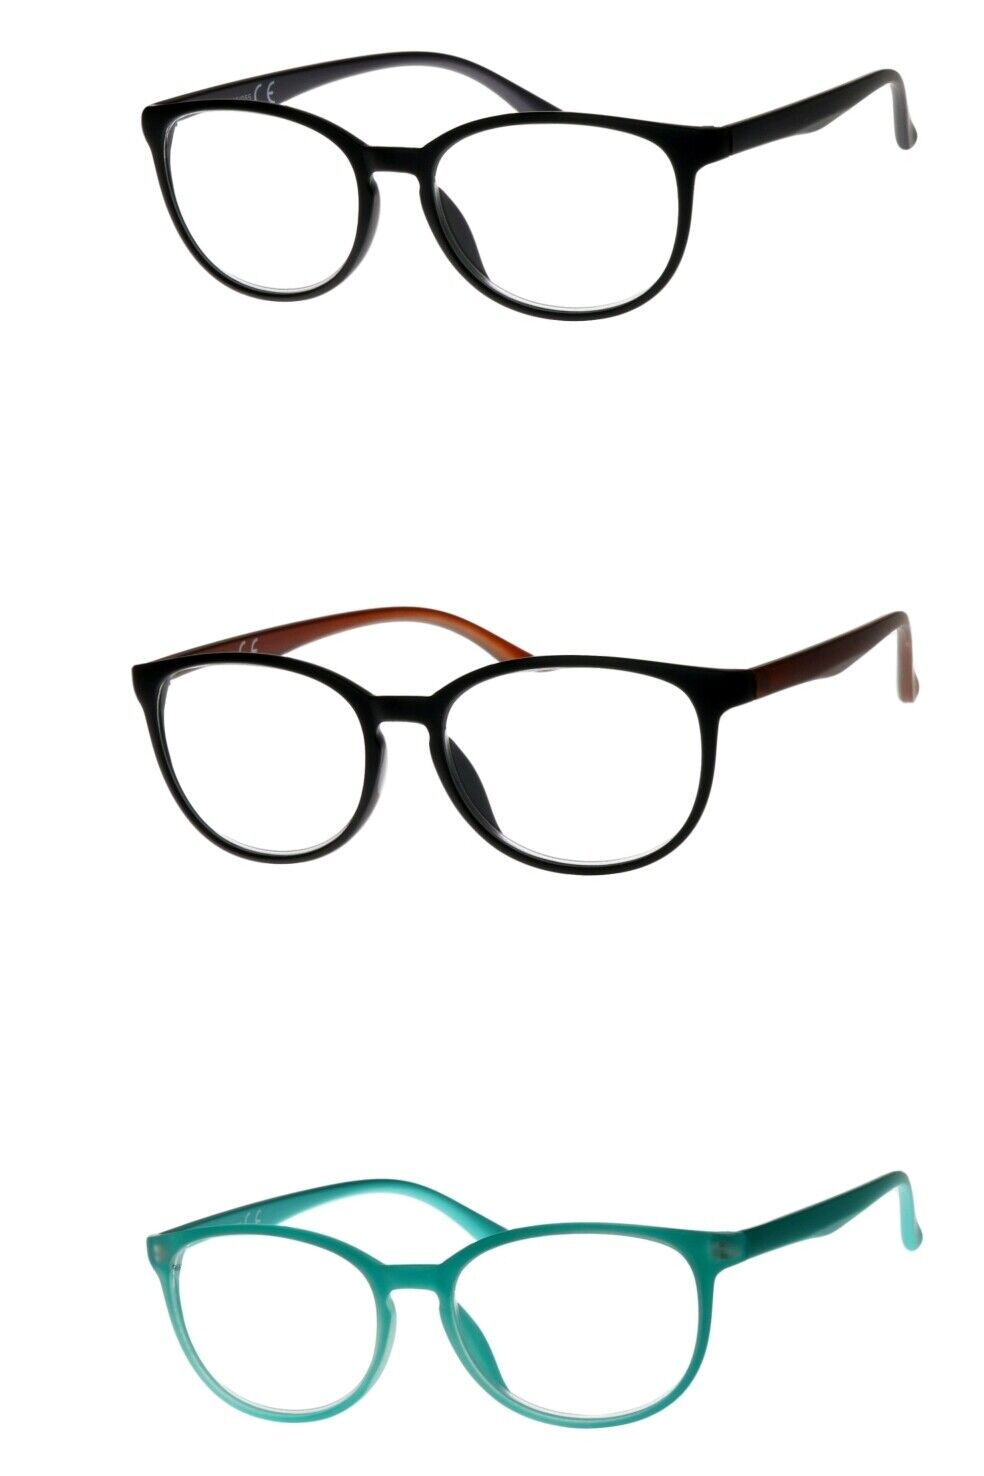 Lesebrille türkis-grün braun-schwarz schwarz-grau große leichte eckige Gläser